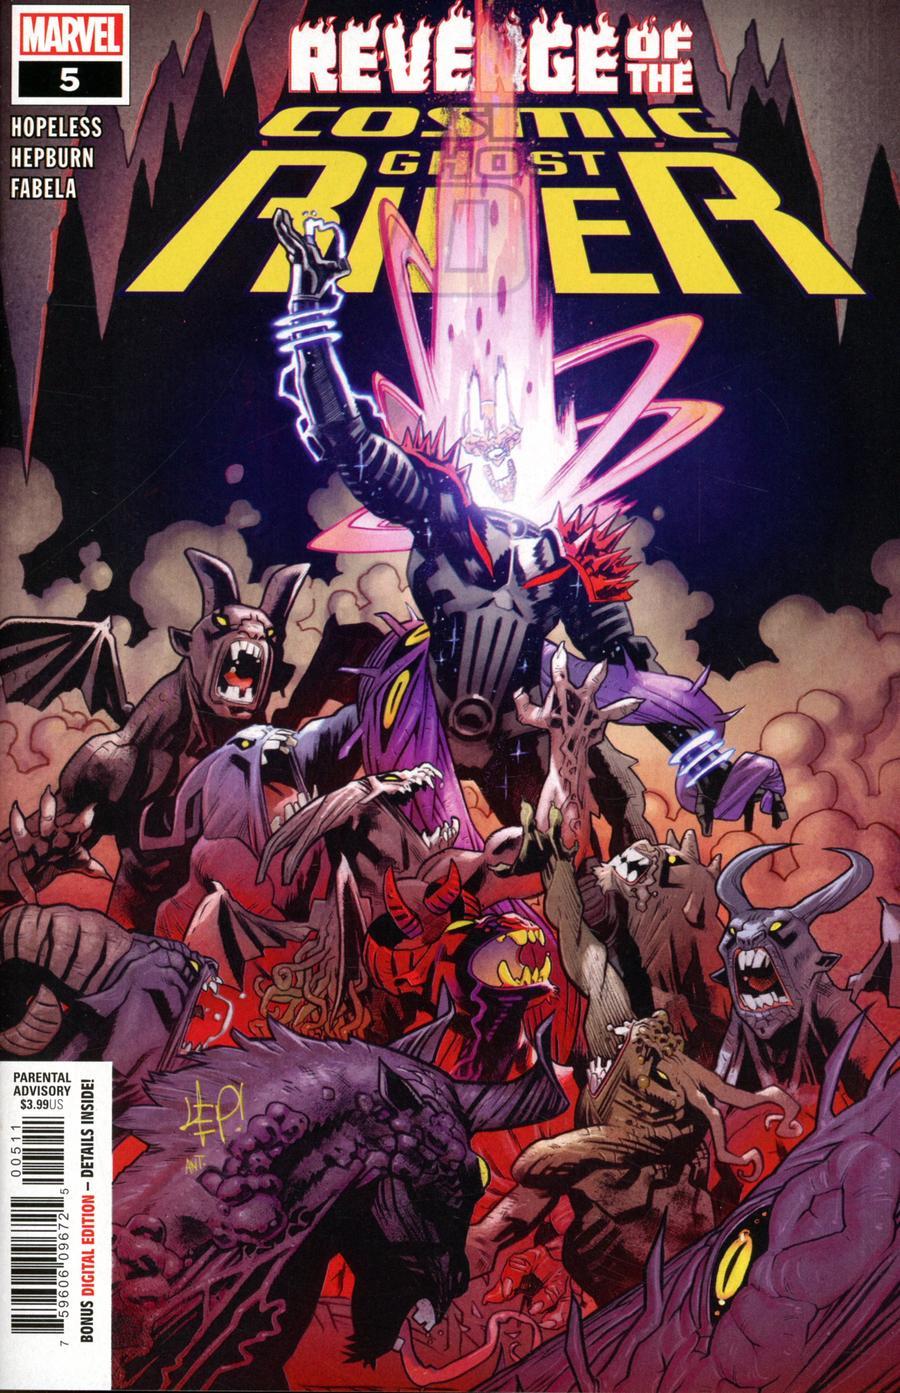 Revenge Of The Cosmic Ghost Rider #5 Cover A Regular Scott Hepburn Cover